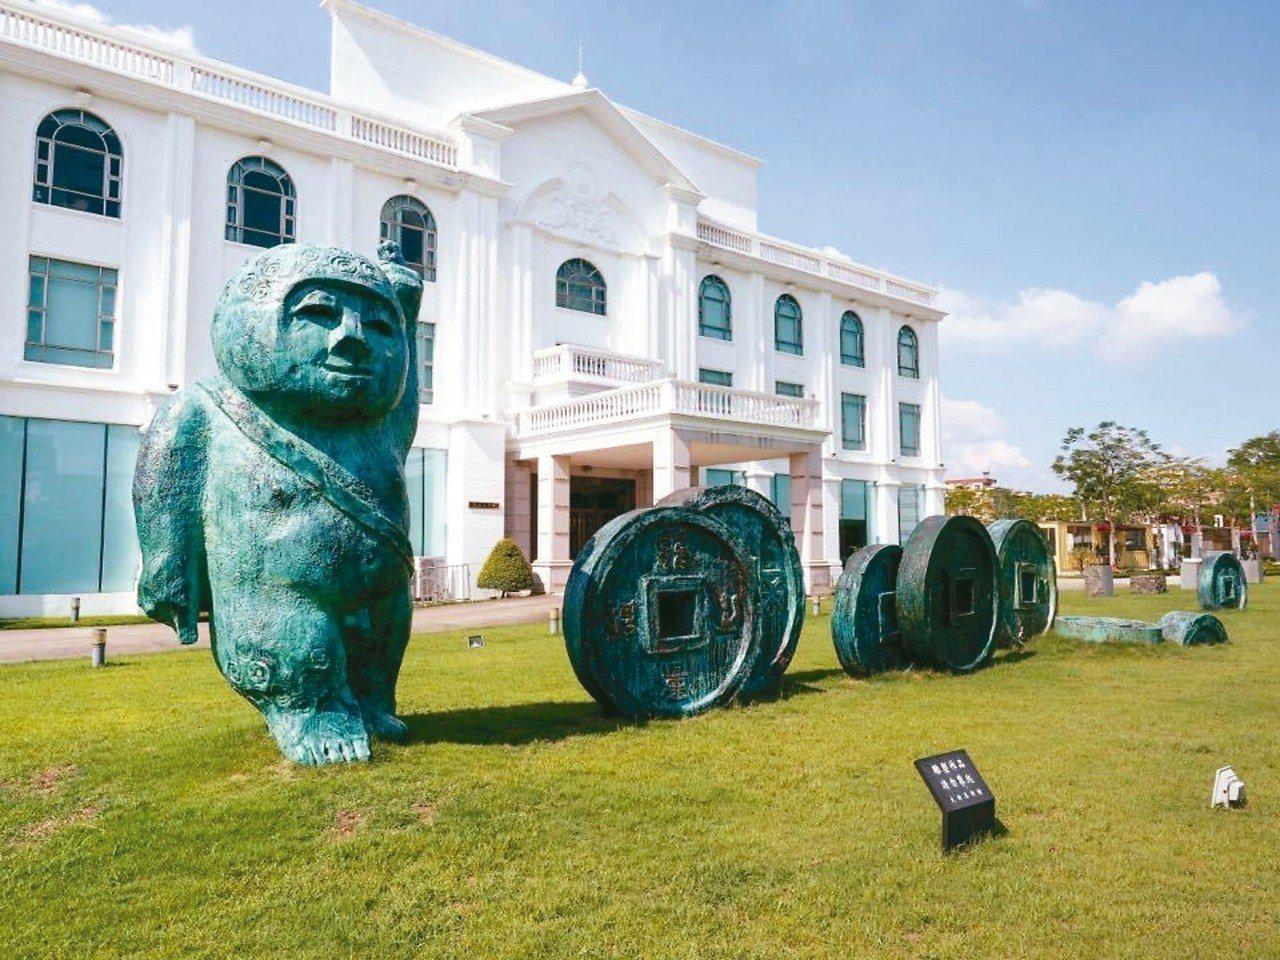 王慶祥成立大新美術館,提供藝術家創作基地與策展空間。 大新美術館/提供